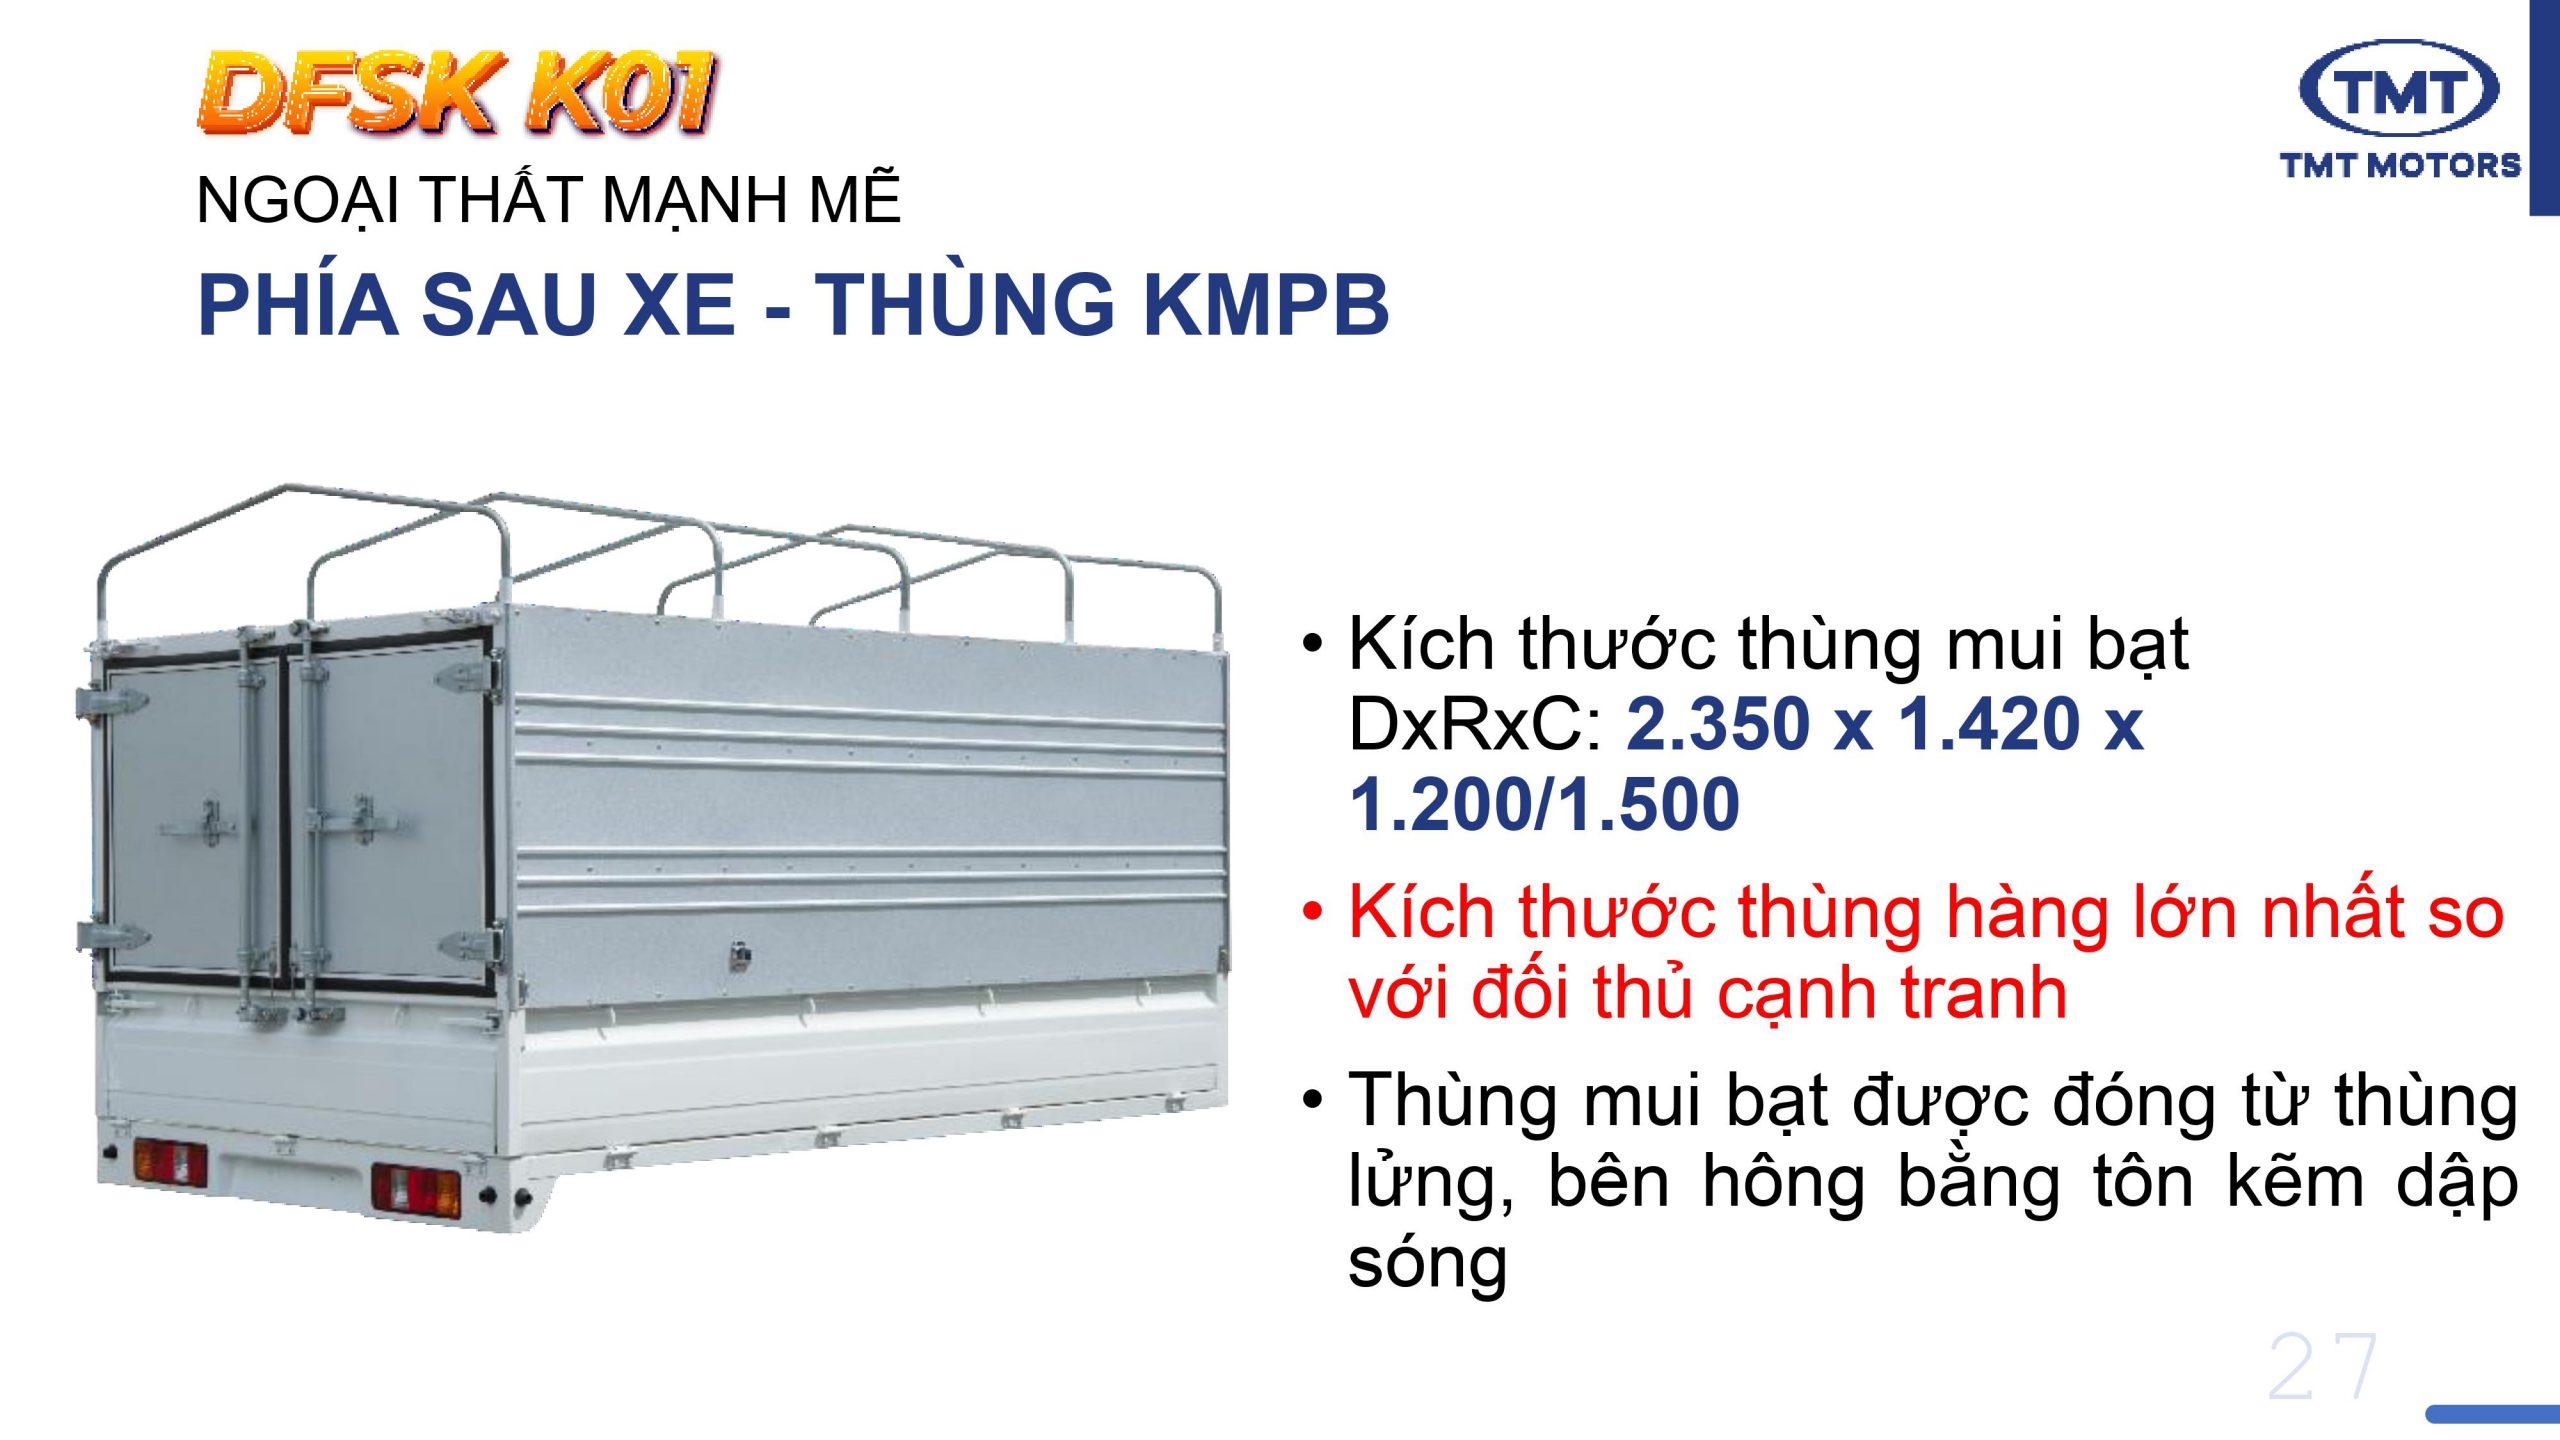 Kích thước thùng mui bạt TMT K01 DxRxC: 2.350 x 1.420 x 1.200/1.500 Kích thước thùng hàng lớn nhất so với đối thủ cạnh tranh Thùng mui bạt được đóng từ thùng lửng, bên hông bằng tôn kẽm dập sóng